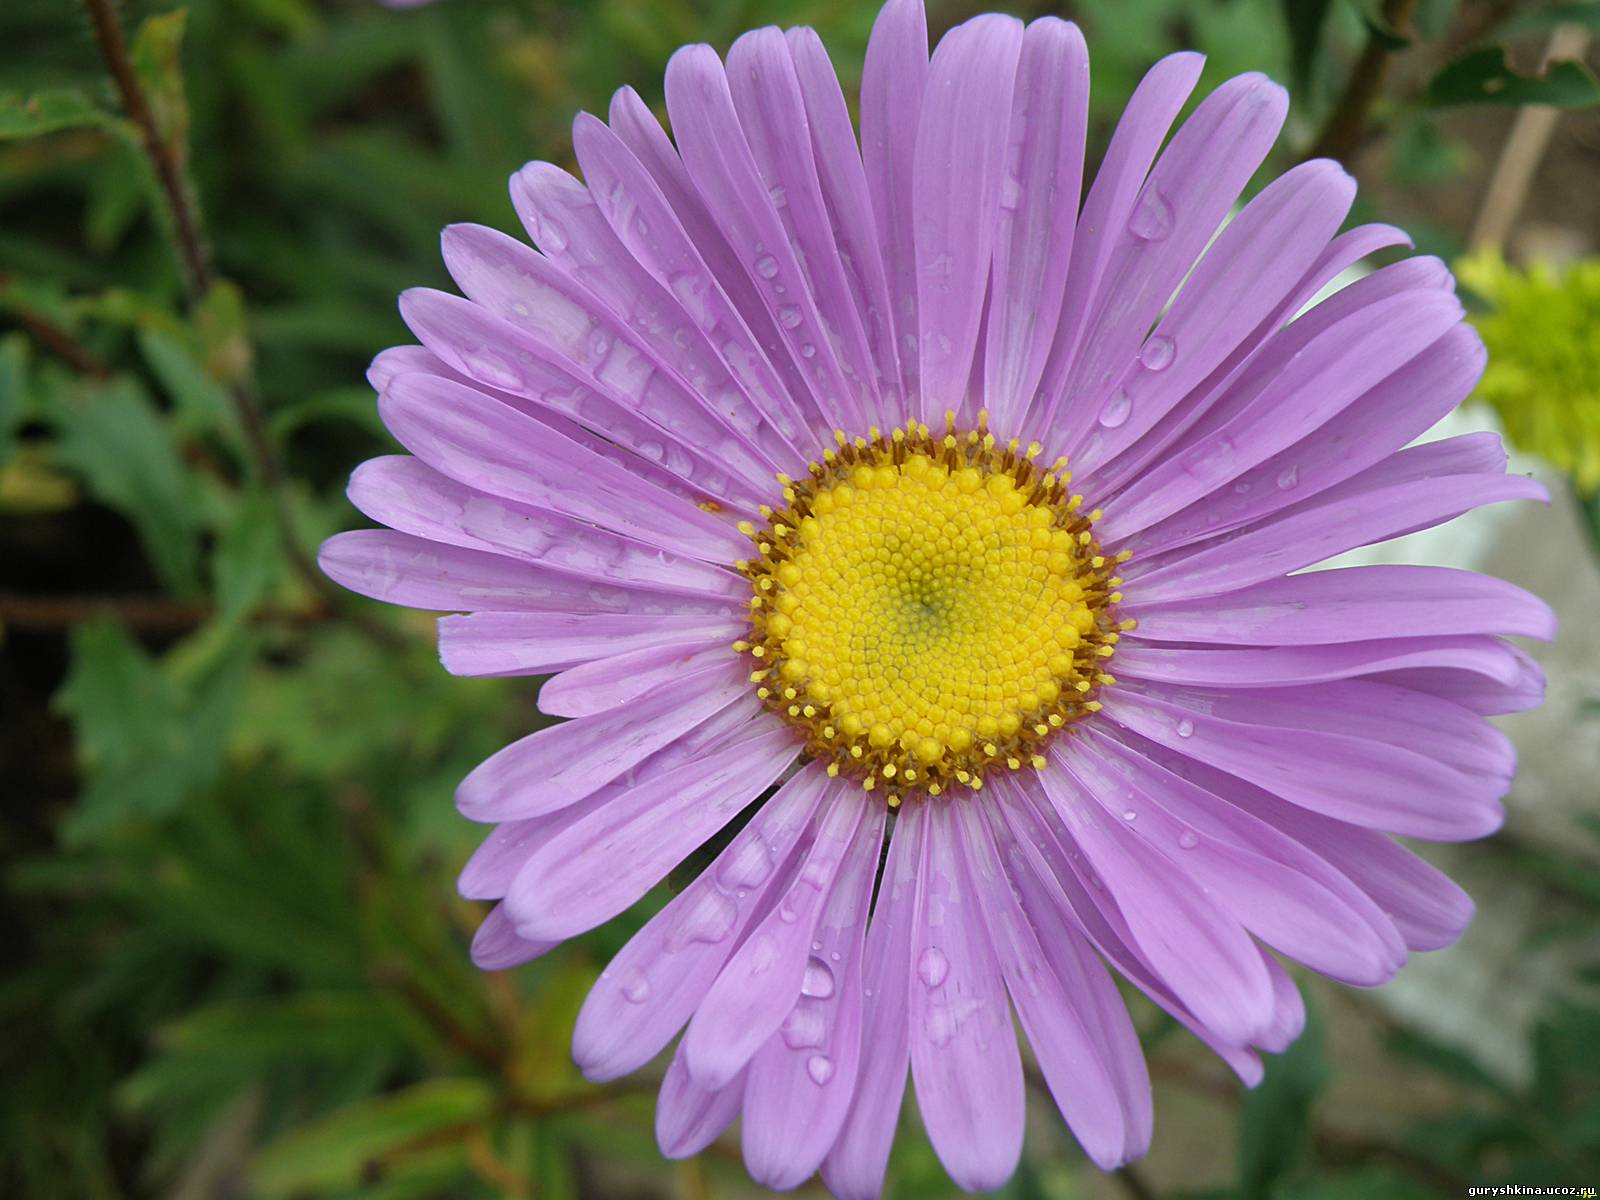 фонтан фиолетовая ромашка название и фото раз увидев роскошное